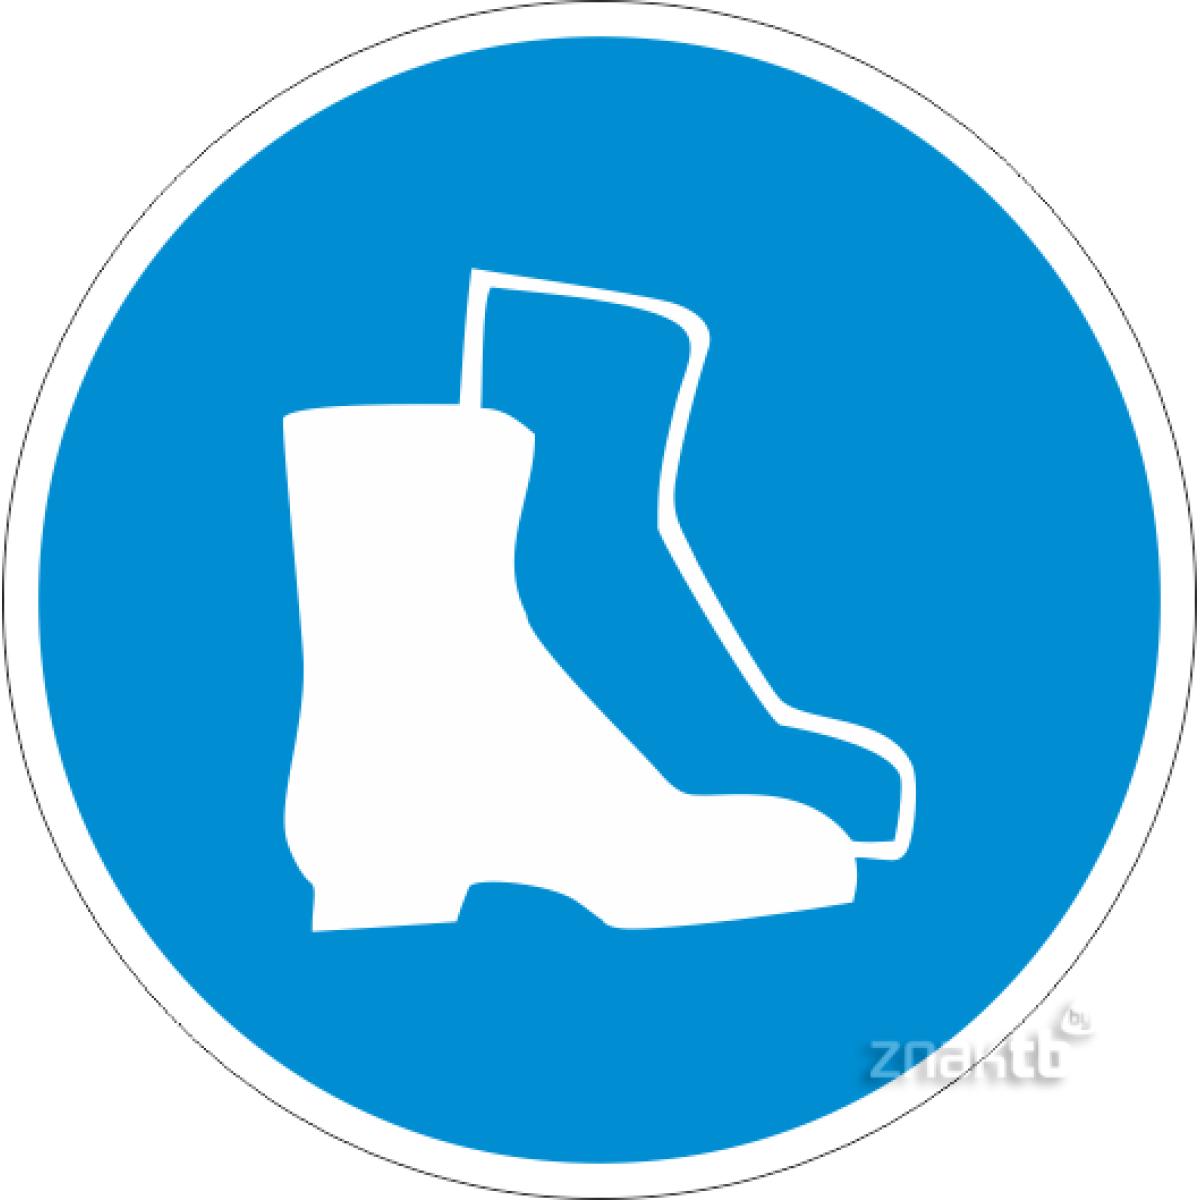 085 Знак Работать в защитной обуви код М05